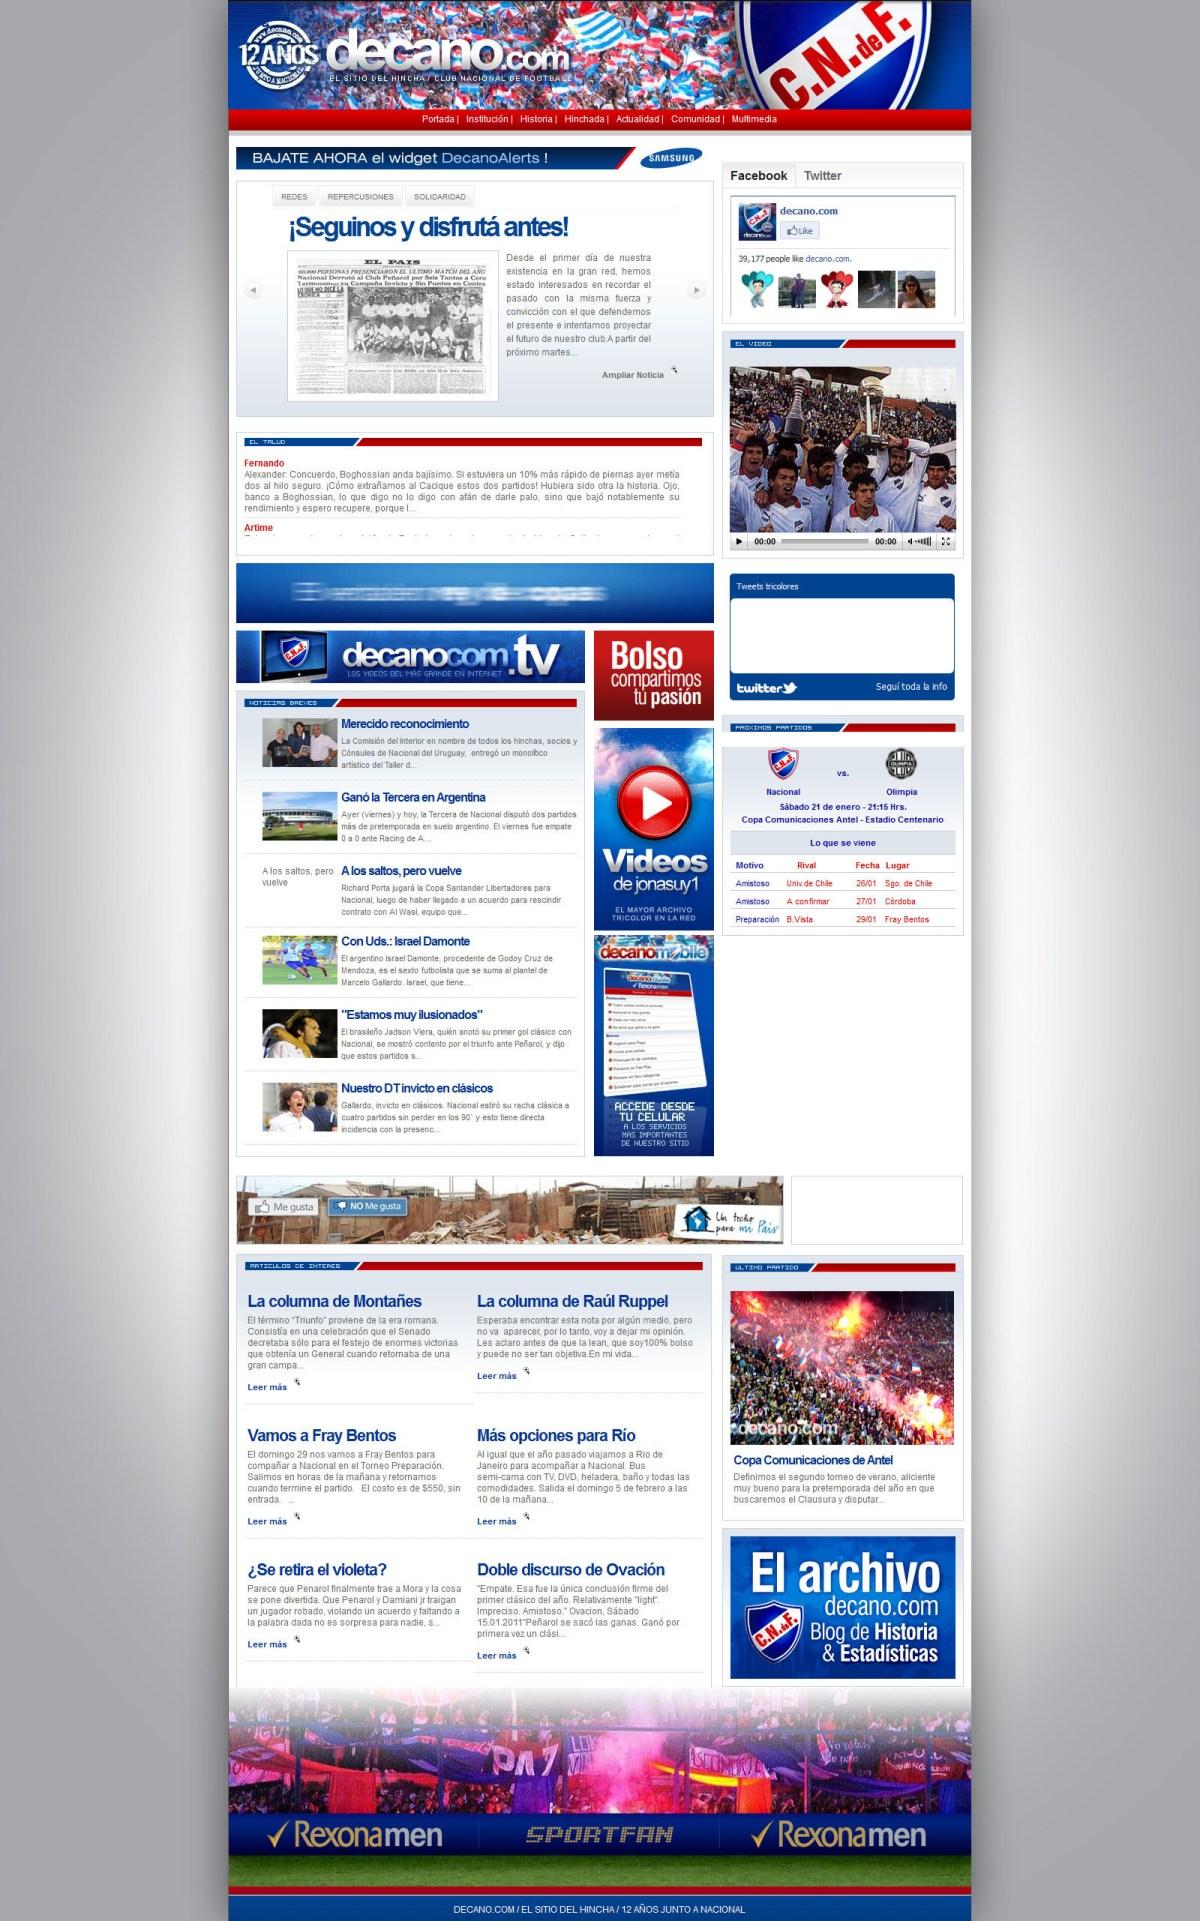 Decano.com Web Design